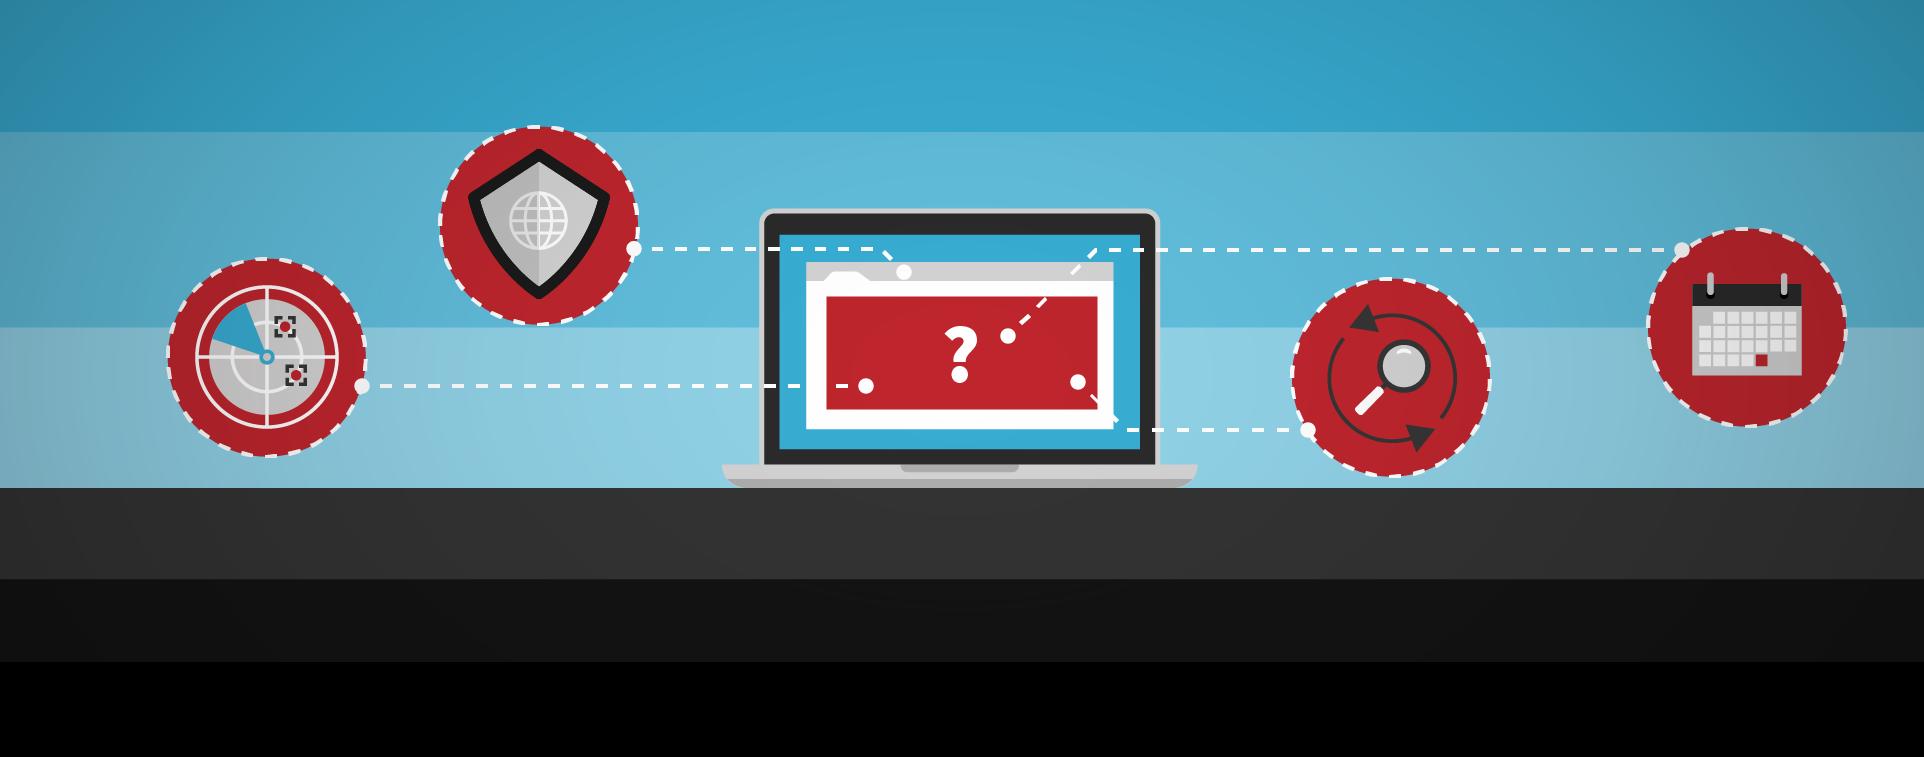 WordPress Malicious Code